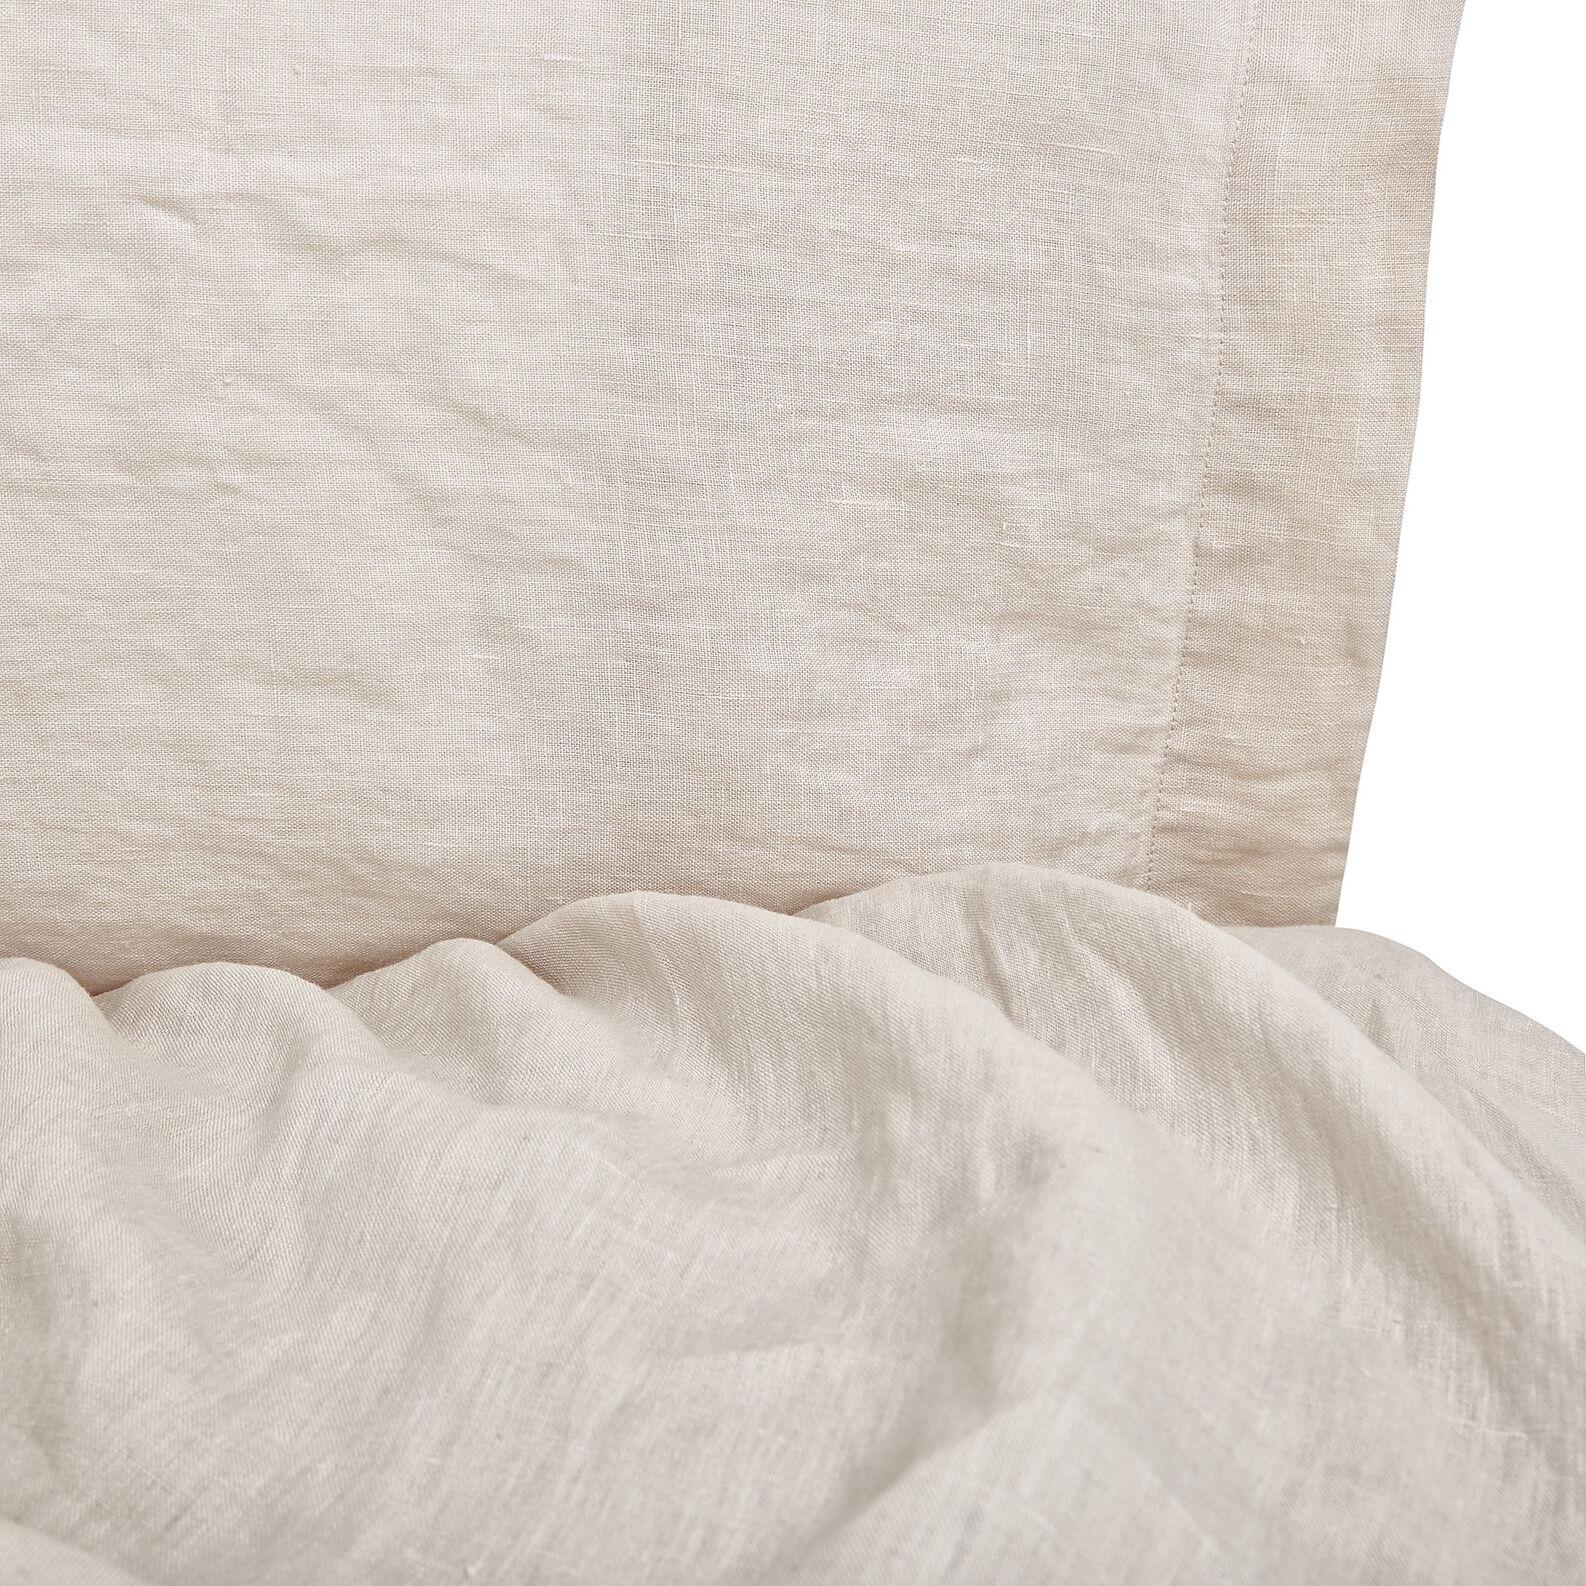 Plain flat sheet in 145 g linen